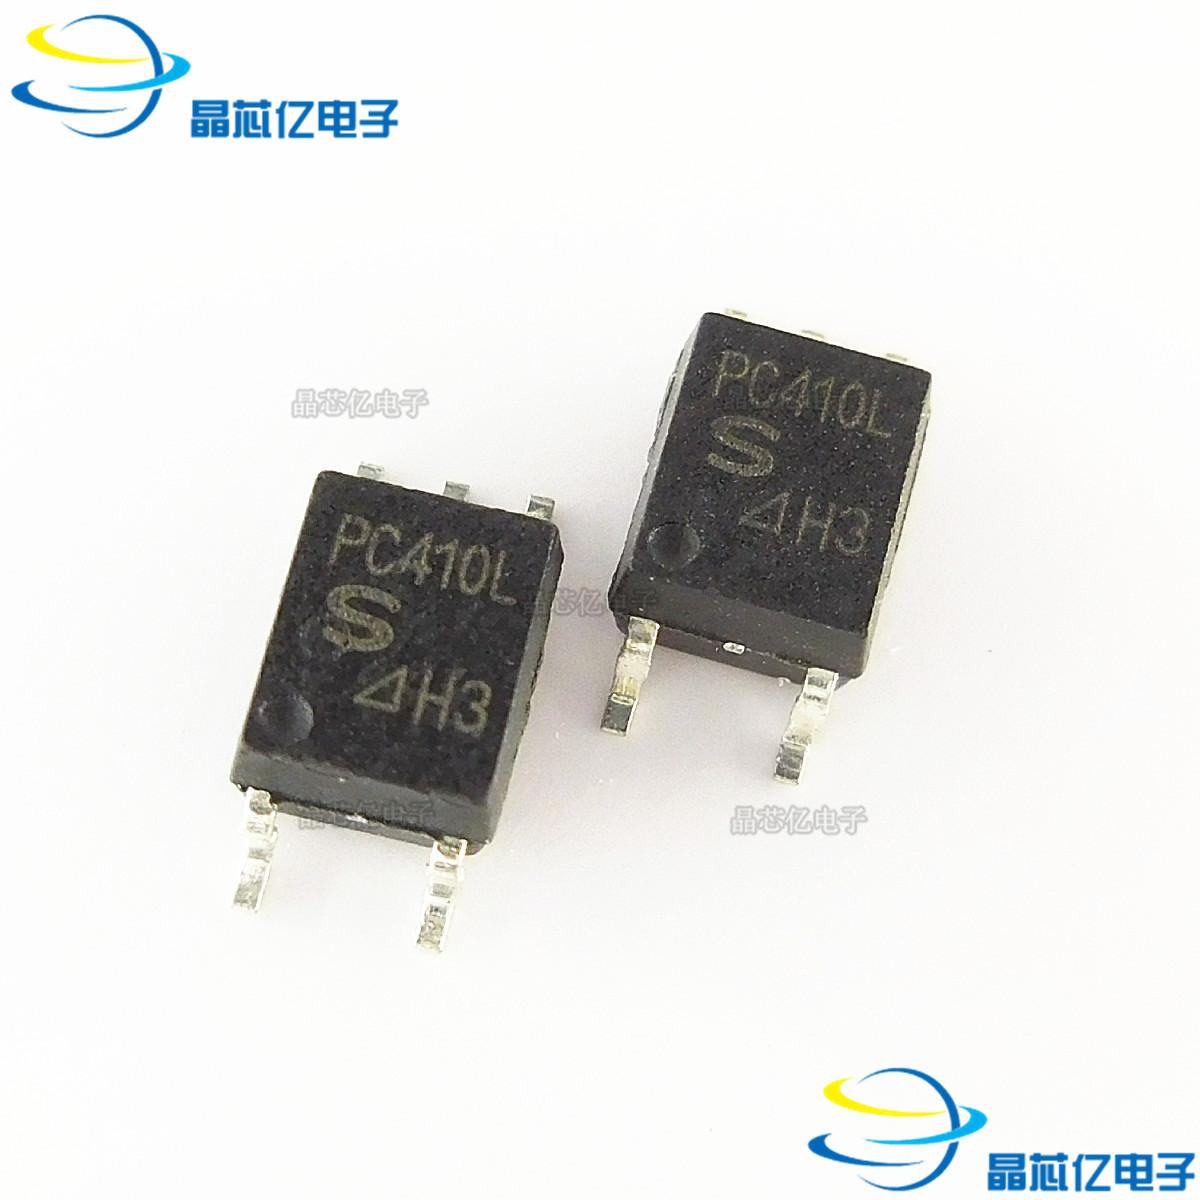 SHARP Thiết bị điện quang PC410L PC410 SOP5 Bộ ghép quang SHARP Sharp Điểm mới